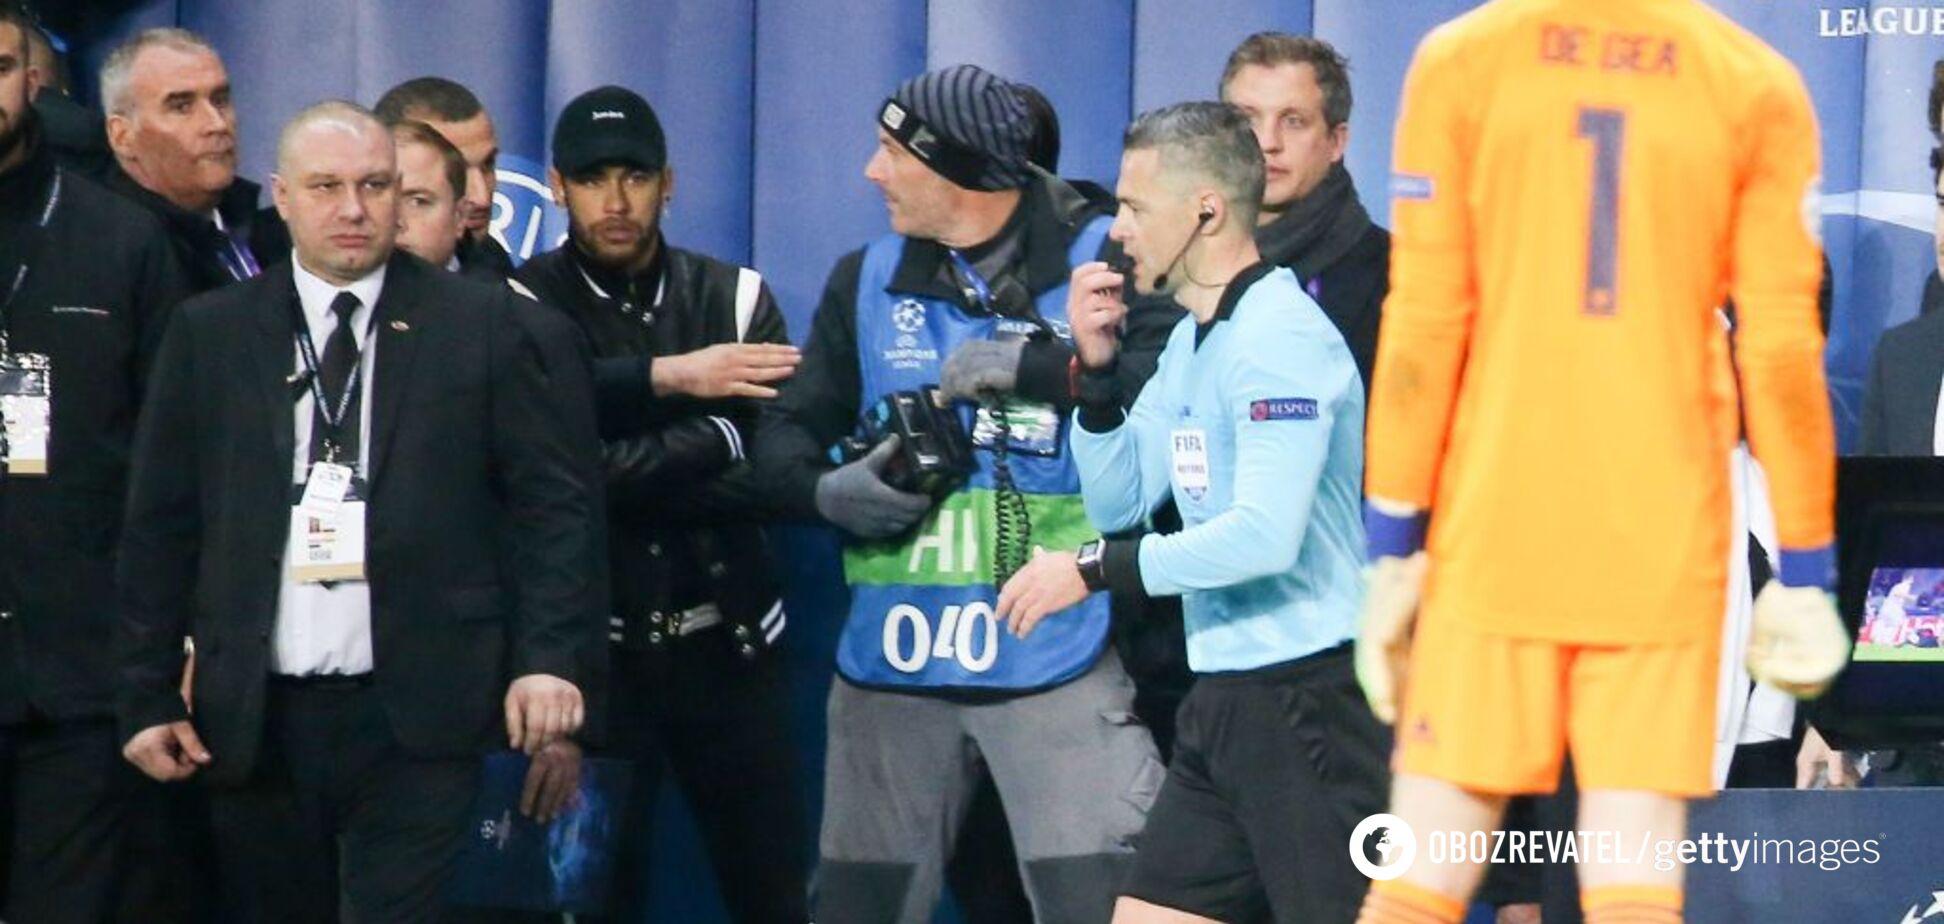 УЕФА готовится дисквалифицировать Неймара